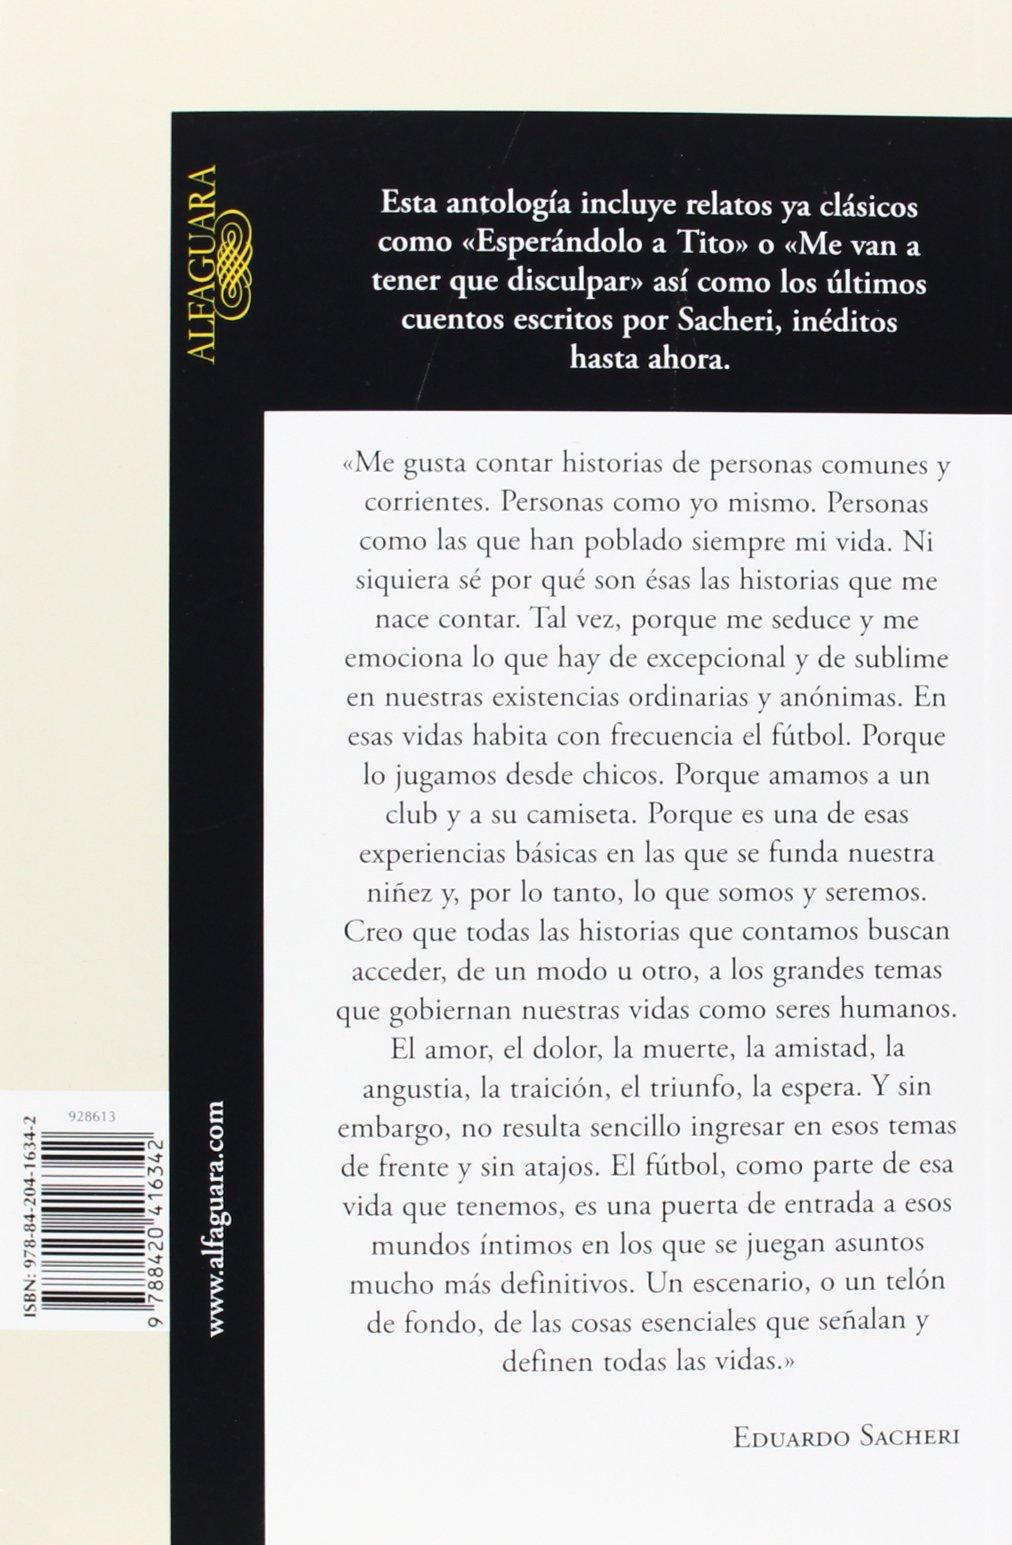 La vida que pensamos. Cuentos de fútbol (Hispánica): Amazon.es ...